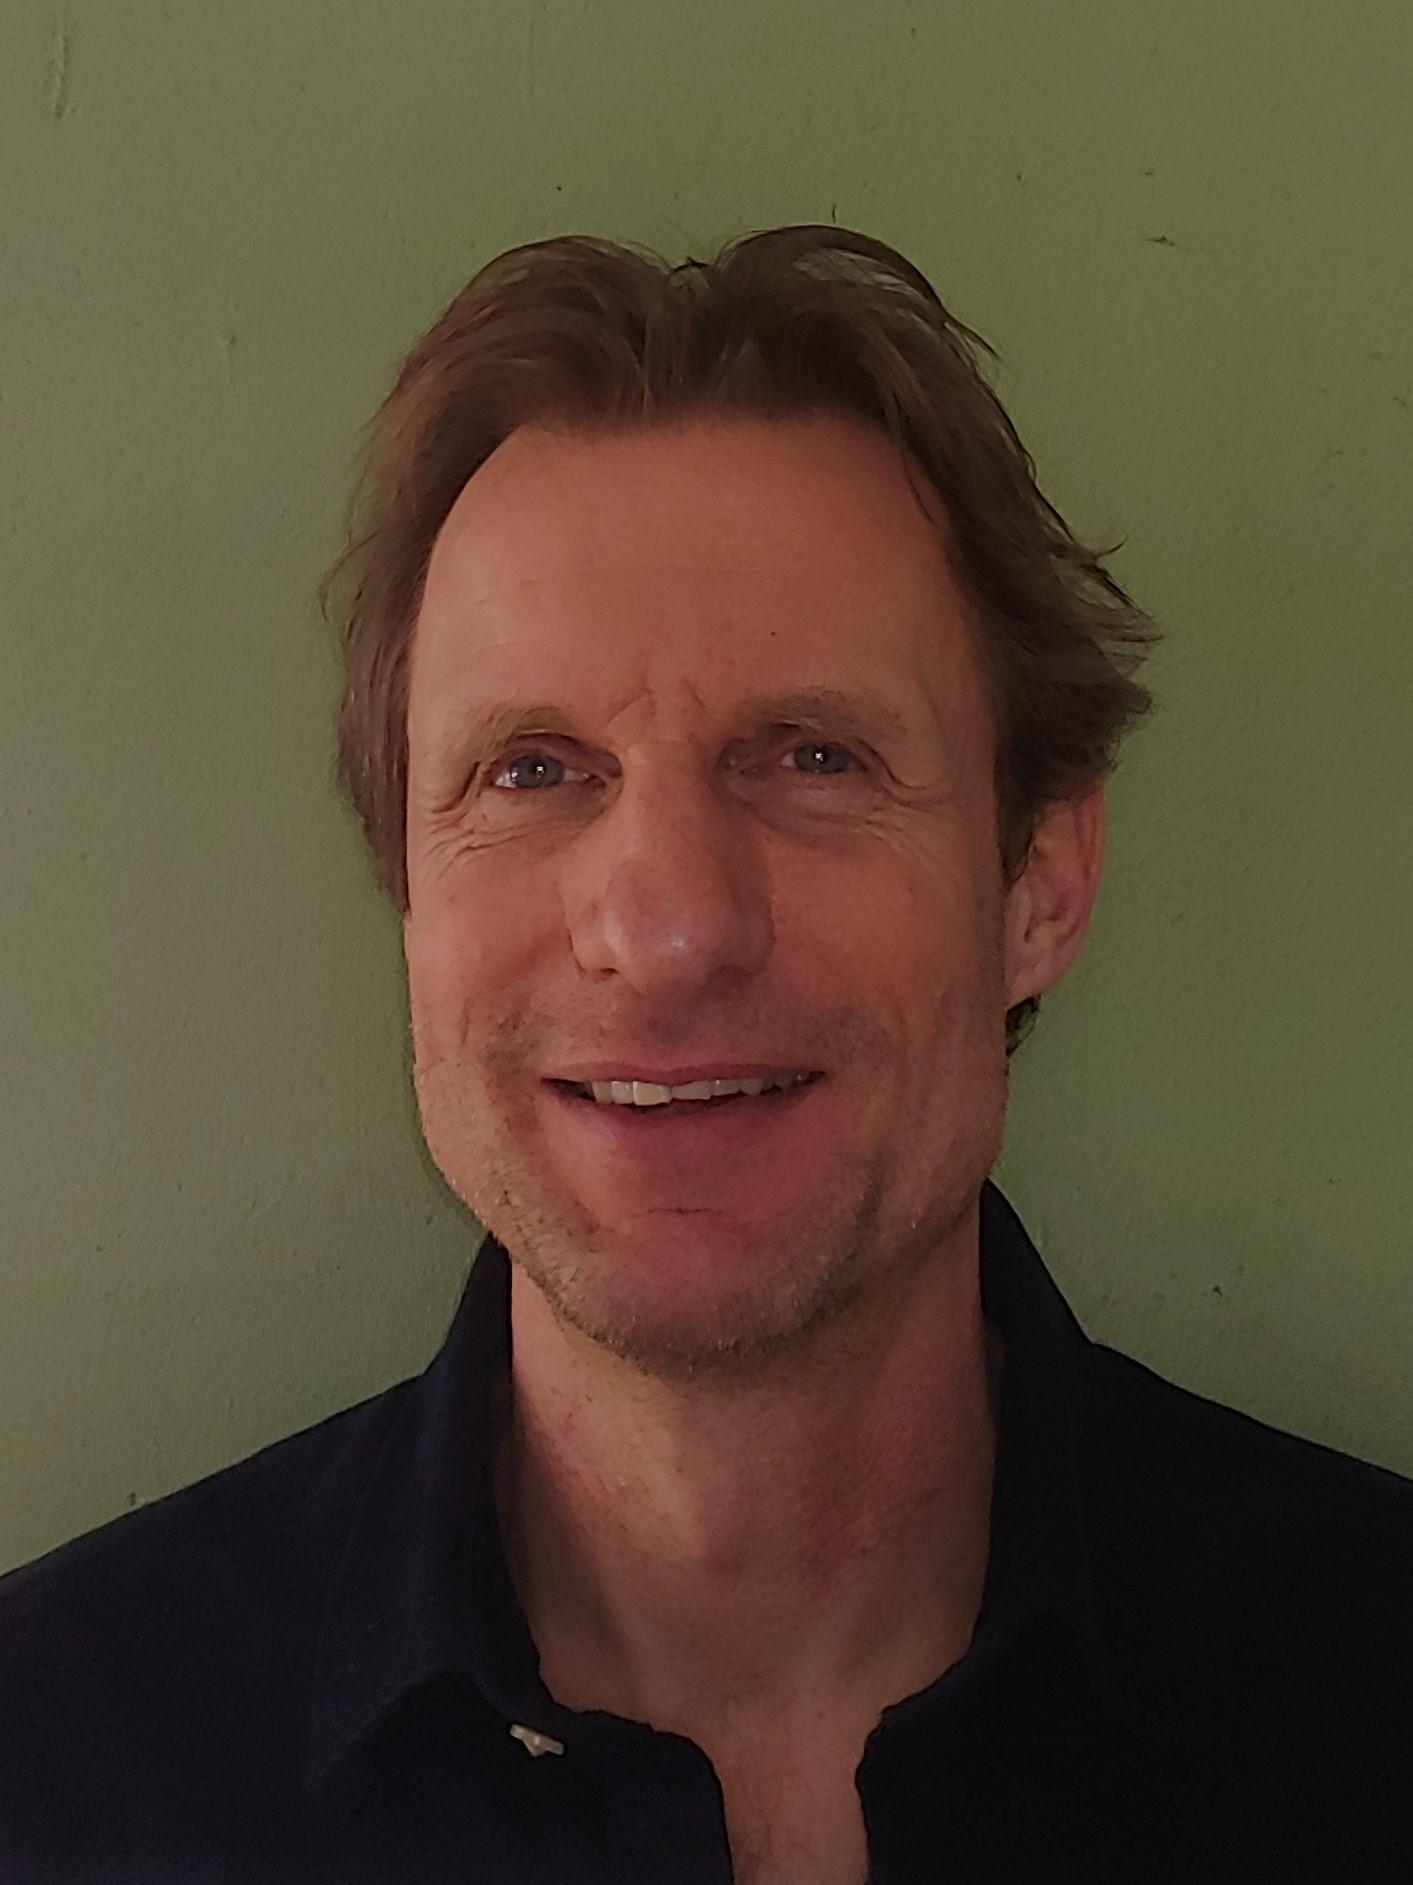 Dr. Lex Vendrig